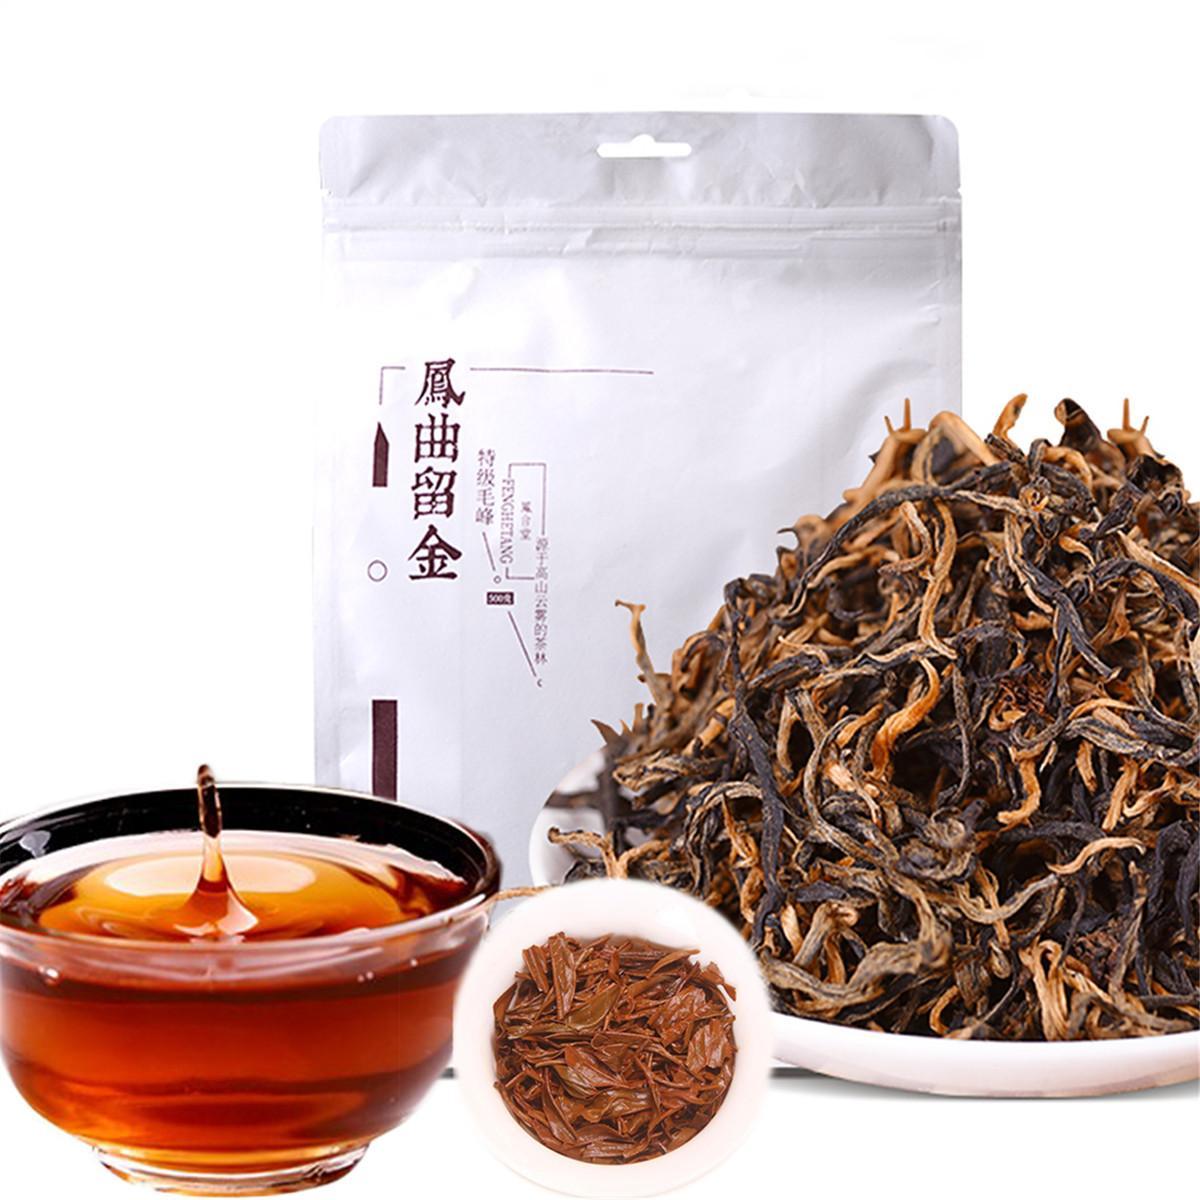 500g Çin Organik Siyah Çay FENG QU Liu Jin Yunnan Dianhong Kırmızı Çay Sağlık Yeni Çay Yeşil Gıda Promosyon Pişmiş